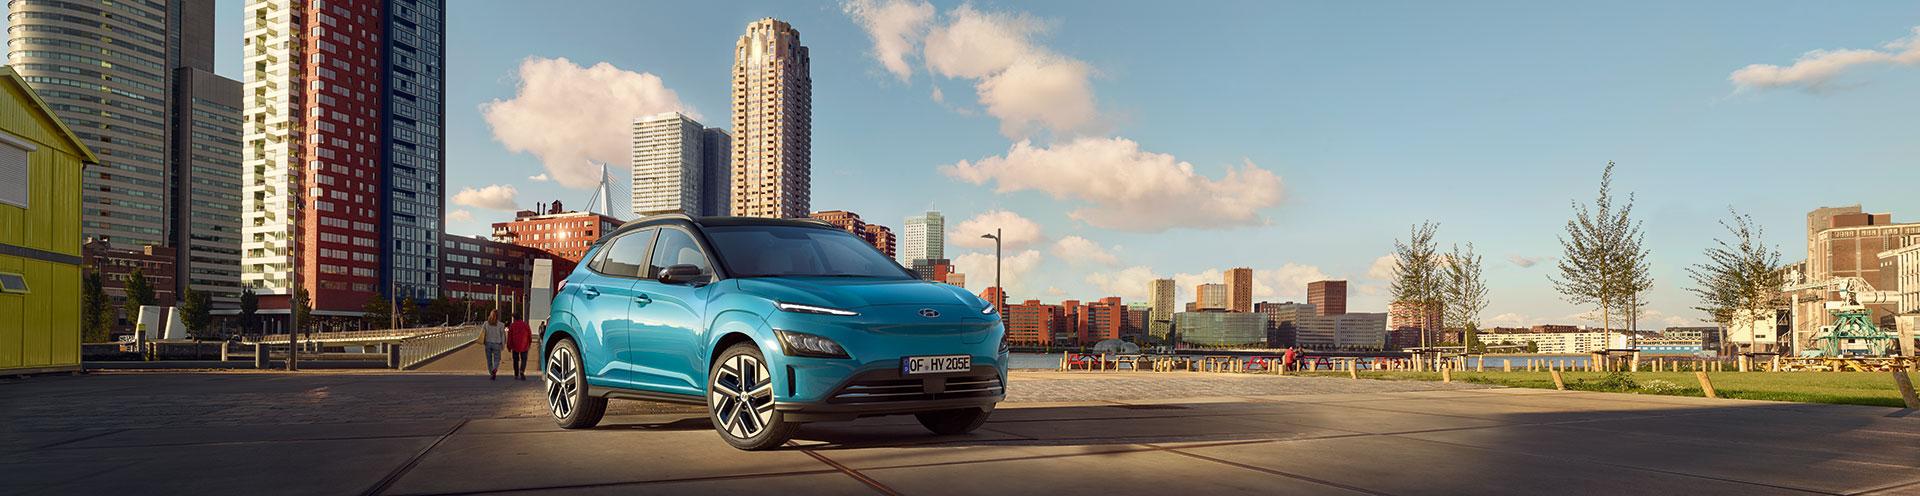 Hyundai Kona Elektro - Panoramabild